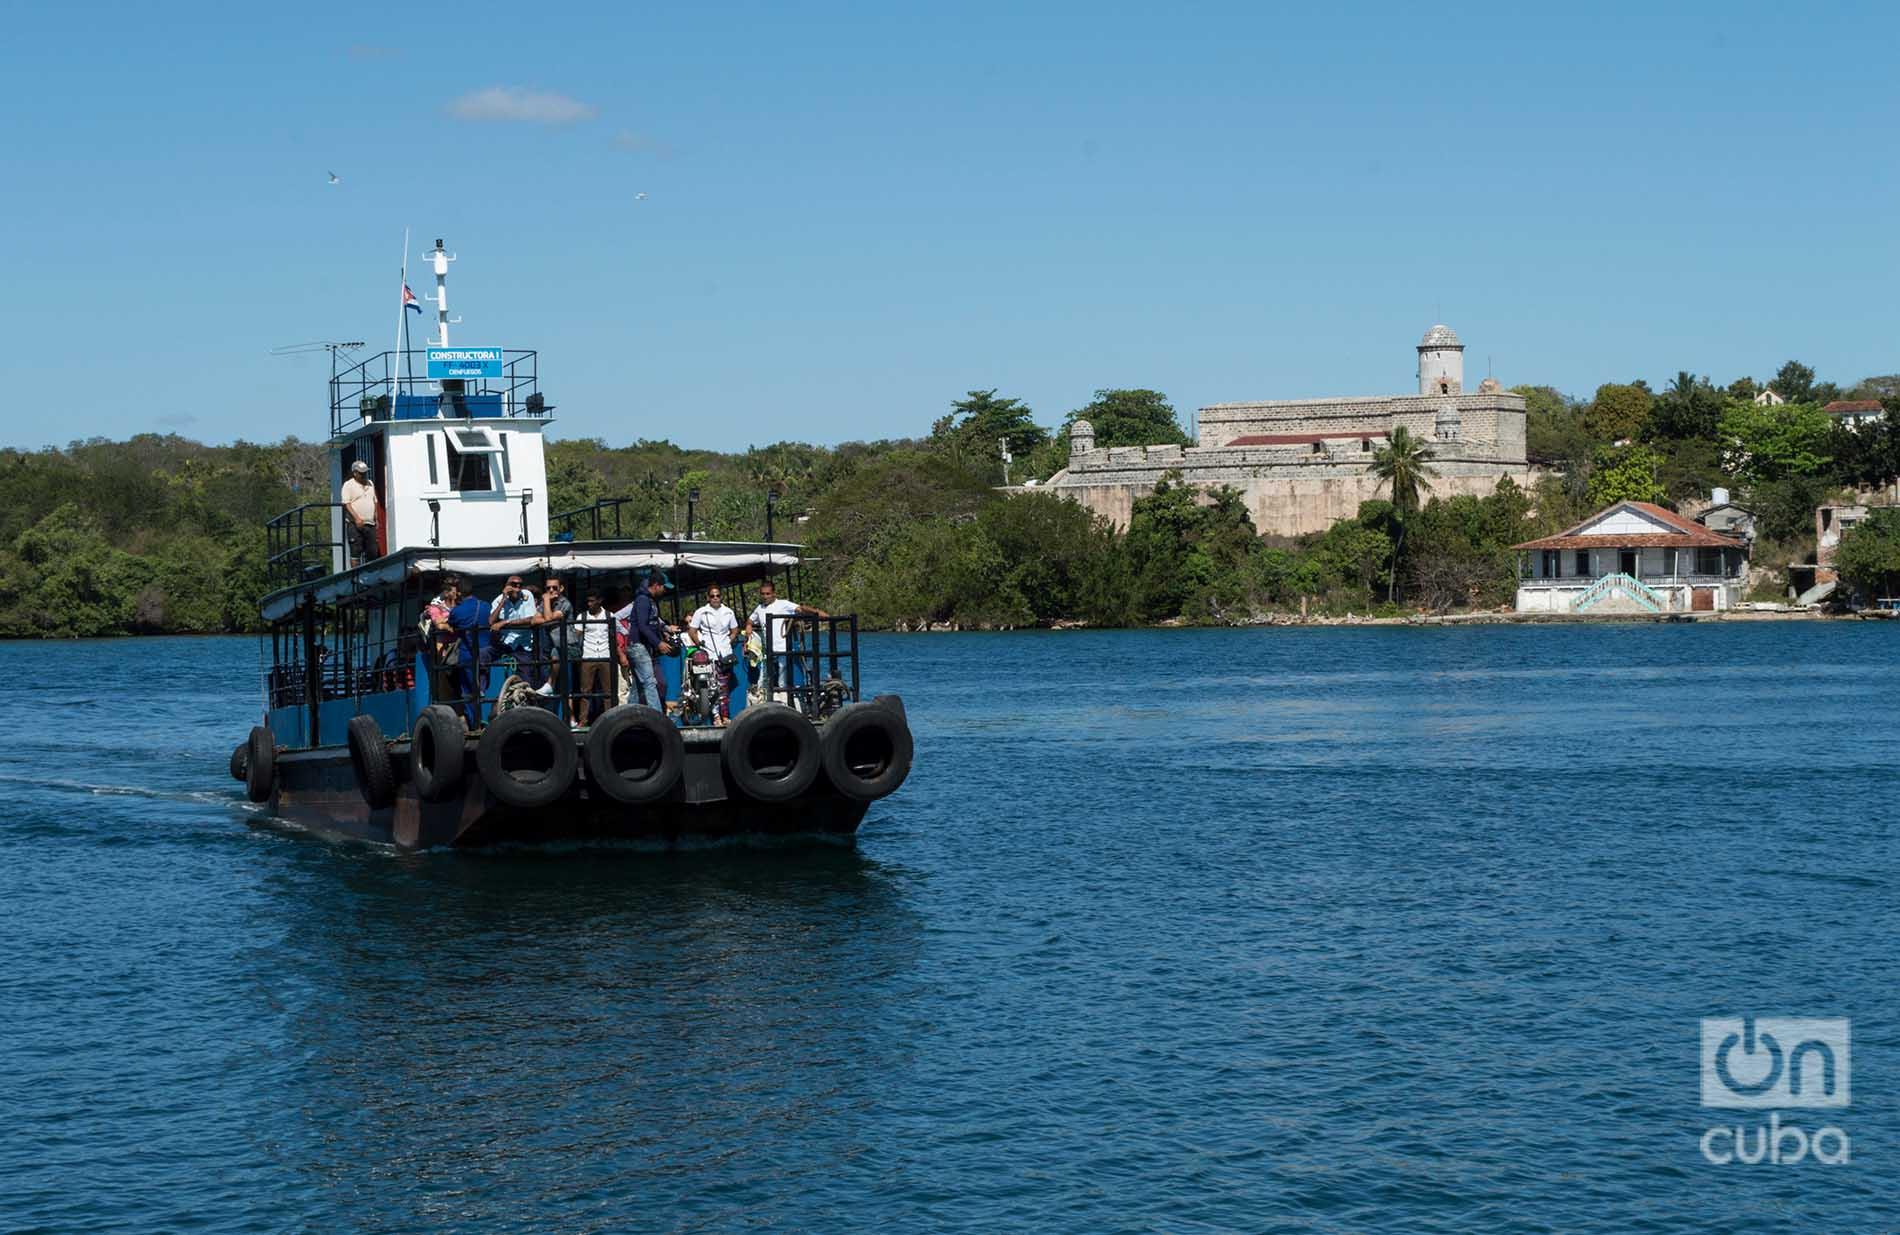 Una de las embarcaciones para pasajeros que surca la bahía de Cienfuegos. Detrás, el Castillo de Jagua. Foto: Otmaro Rodríguez